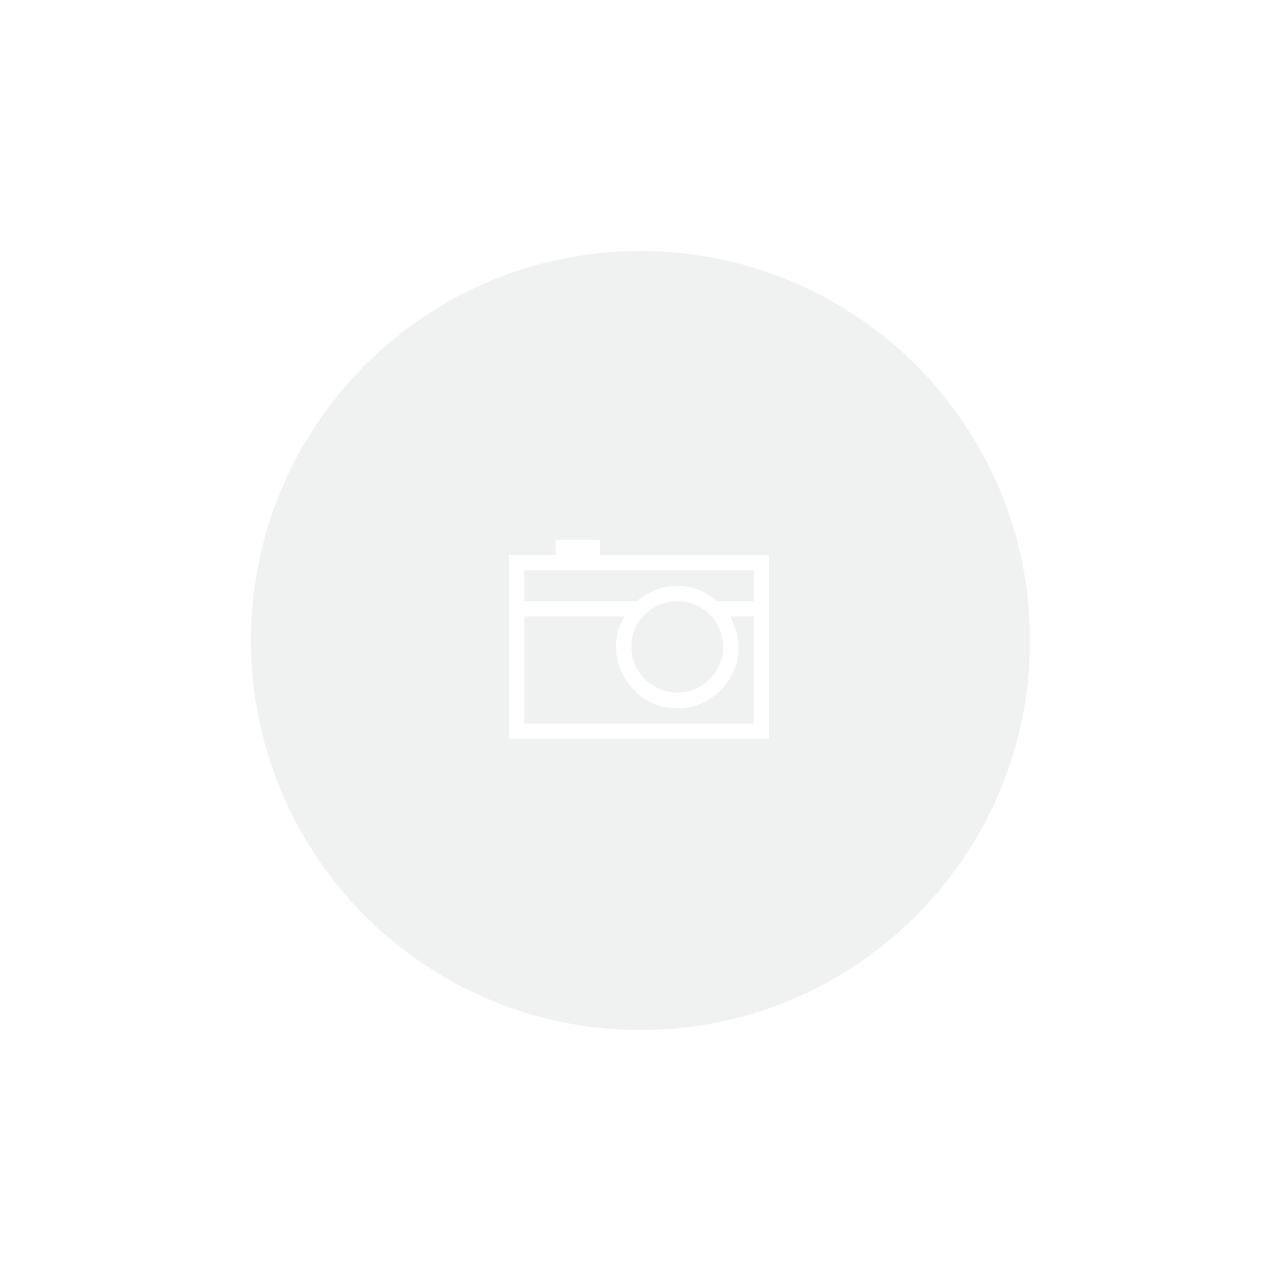 Bandeja Espelhada Retangular 40X24 cm